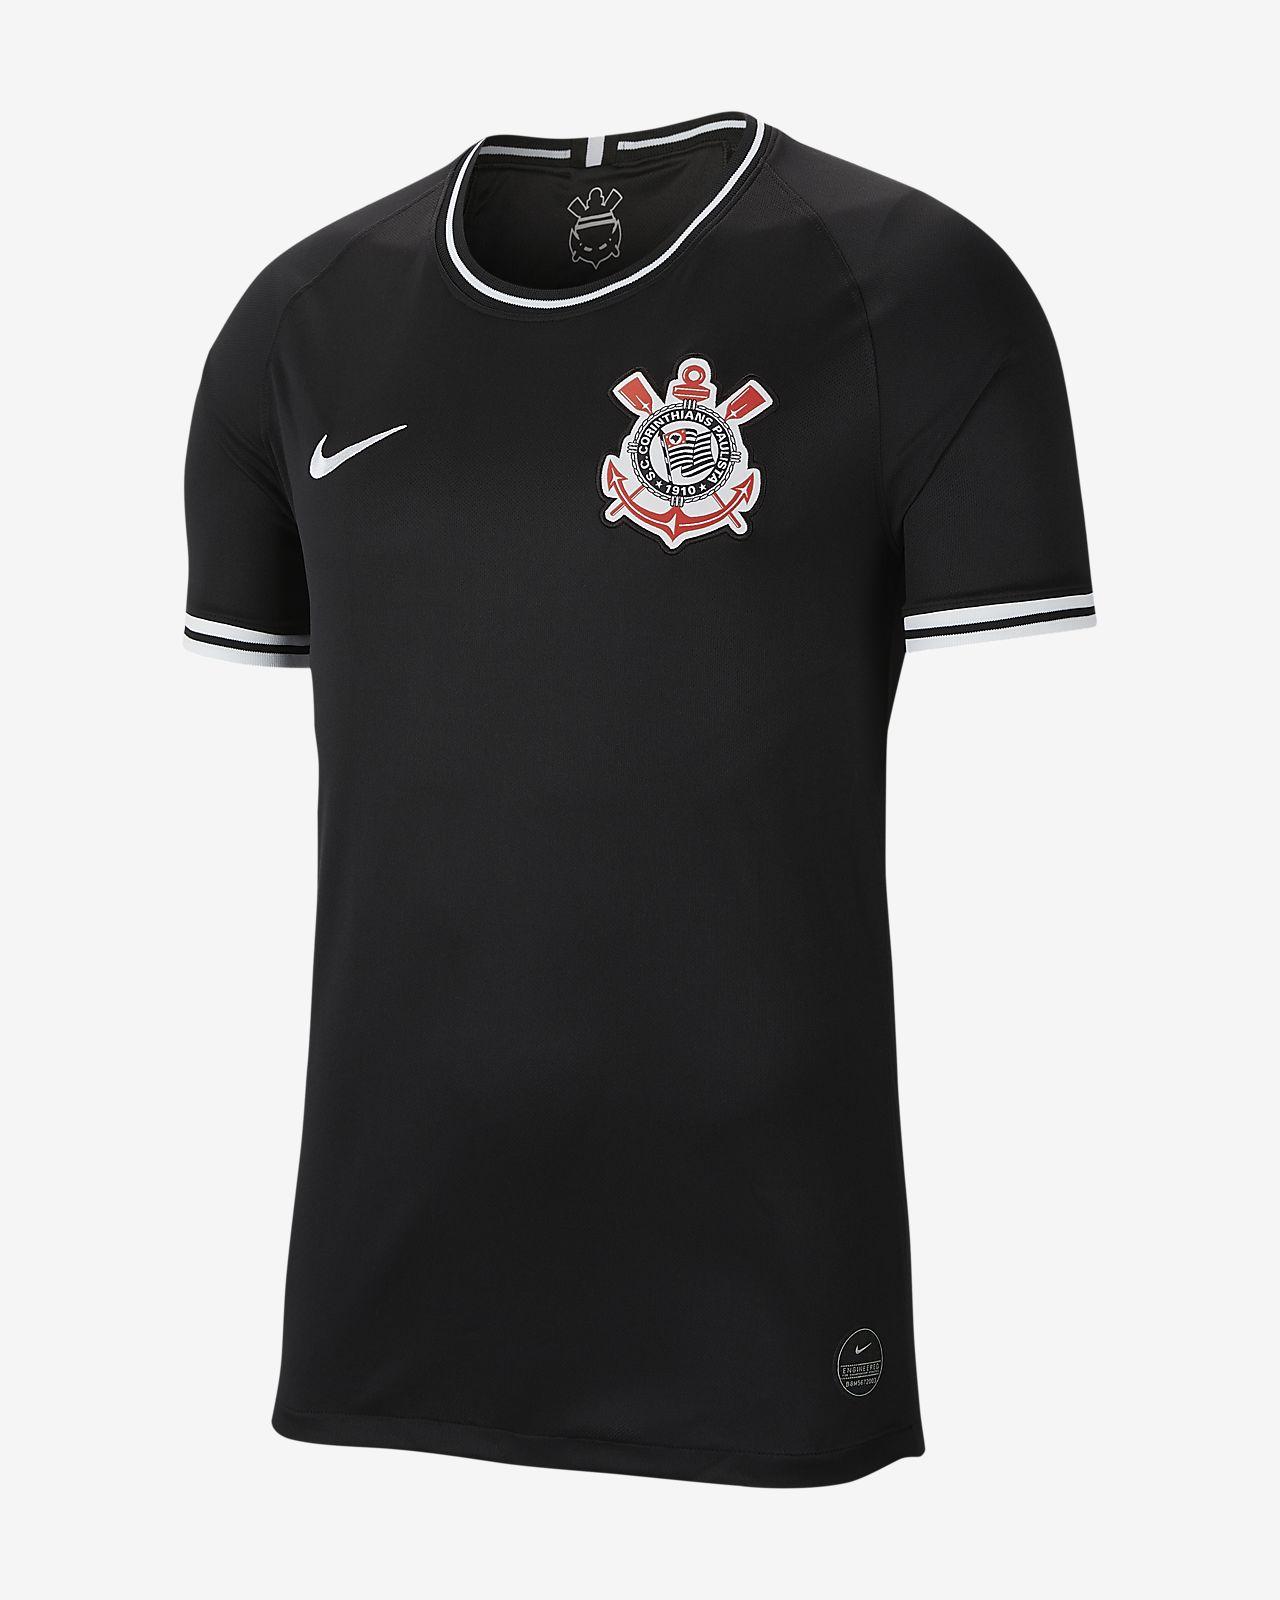 Camiseta Camiseta de fútbol de visitante para hombre Stadium del S.C. Corinthians 2019/20